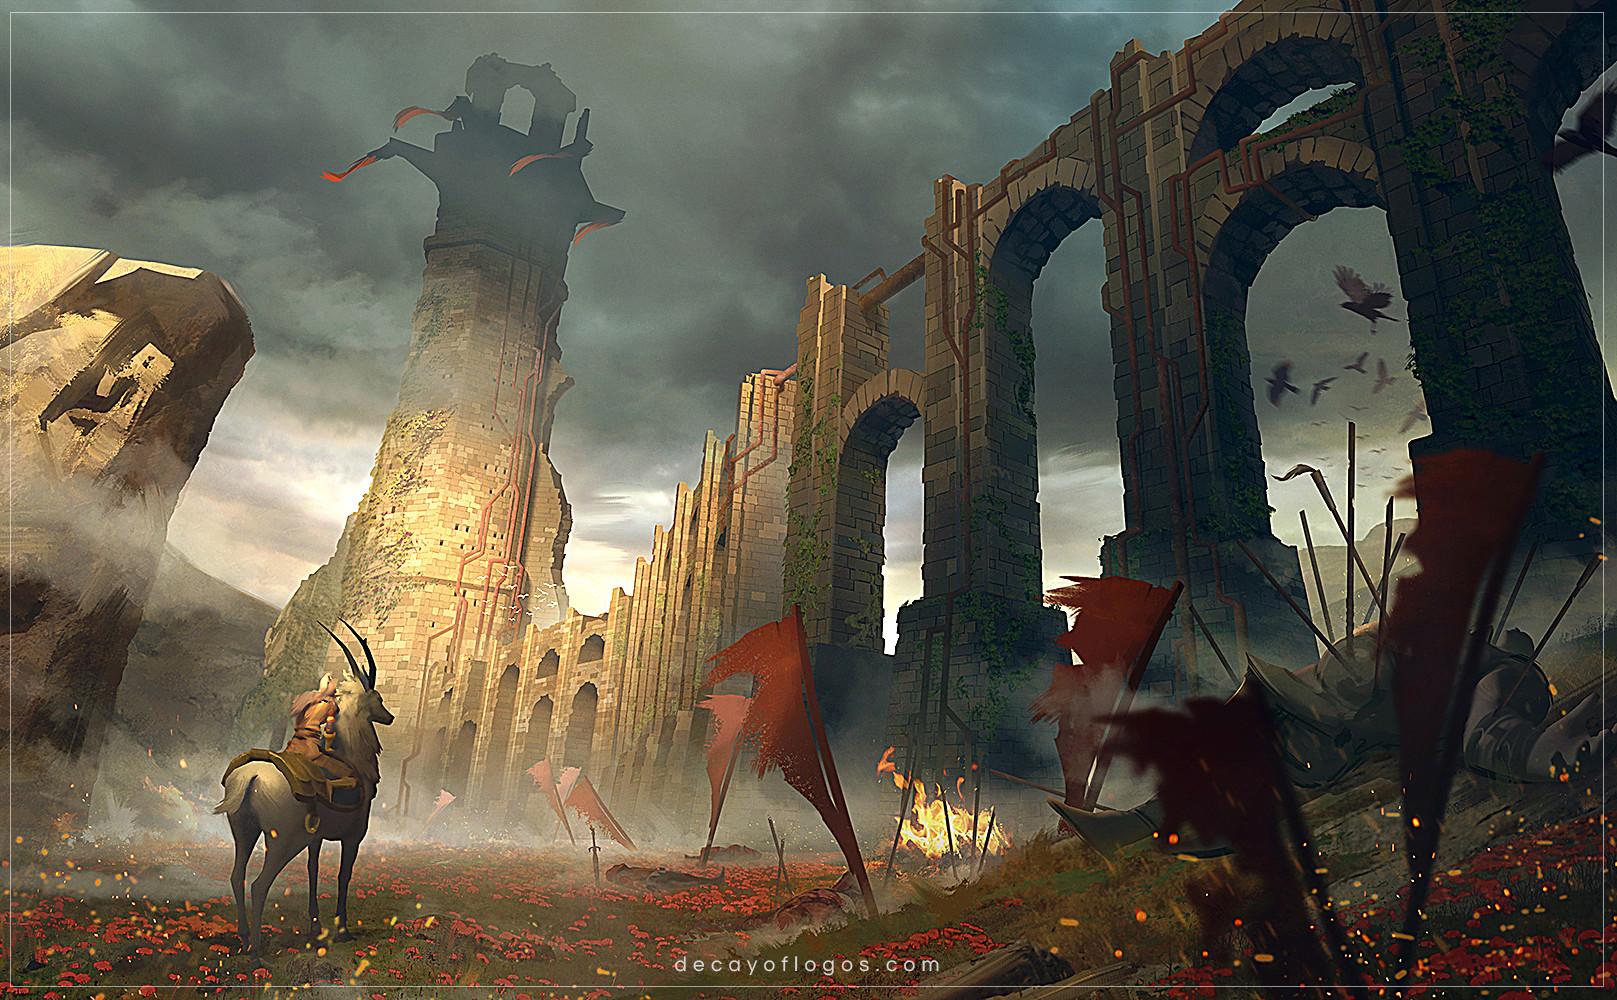 https://cdnb.artstation.com/p/assets/images/images/005/931/067/large/ricardo-tome-battlefield.jpg?1534098280&dl=1